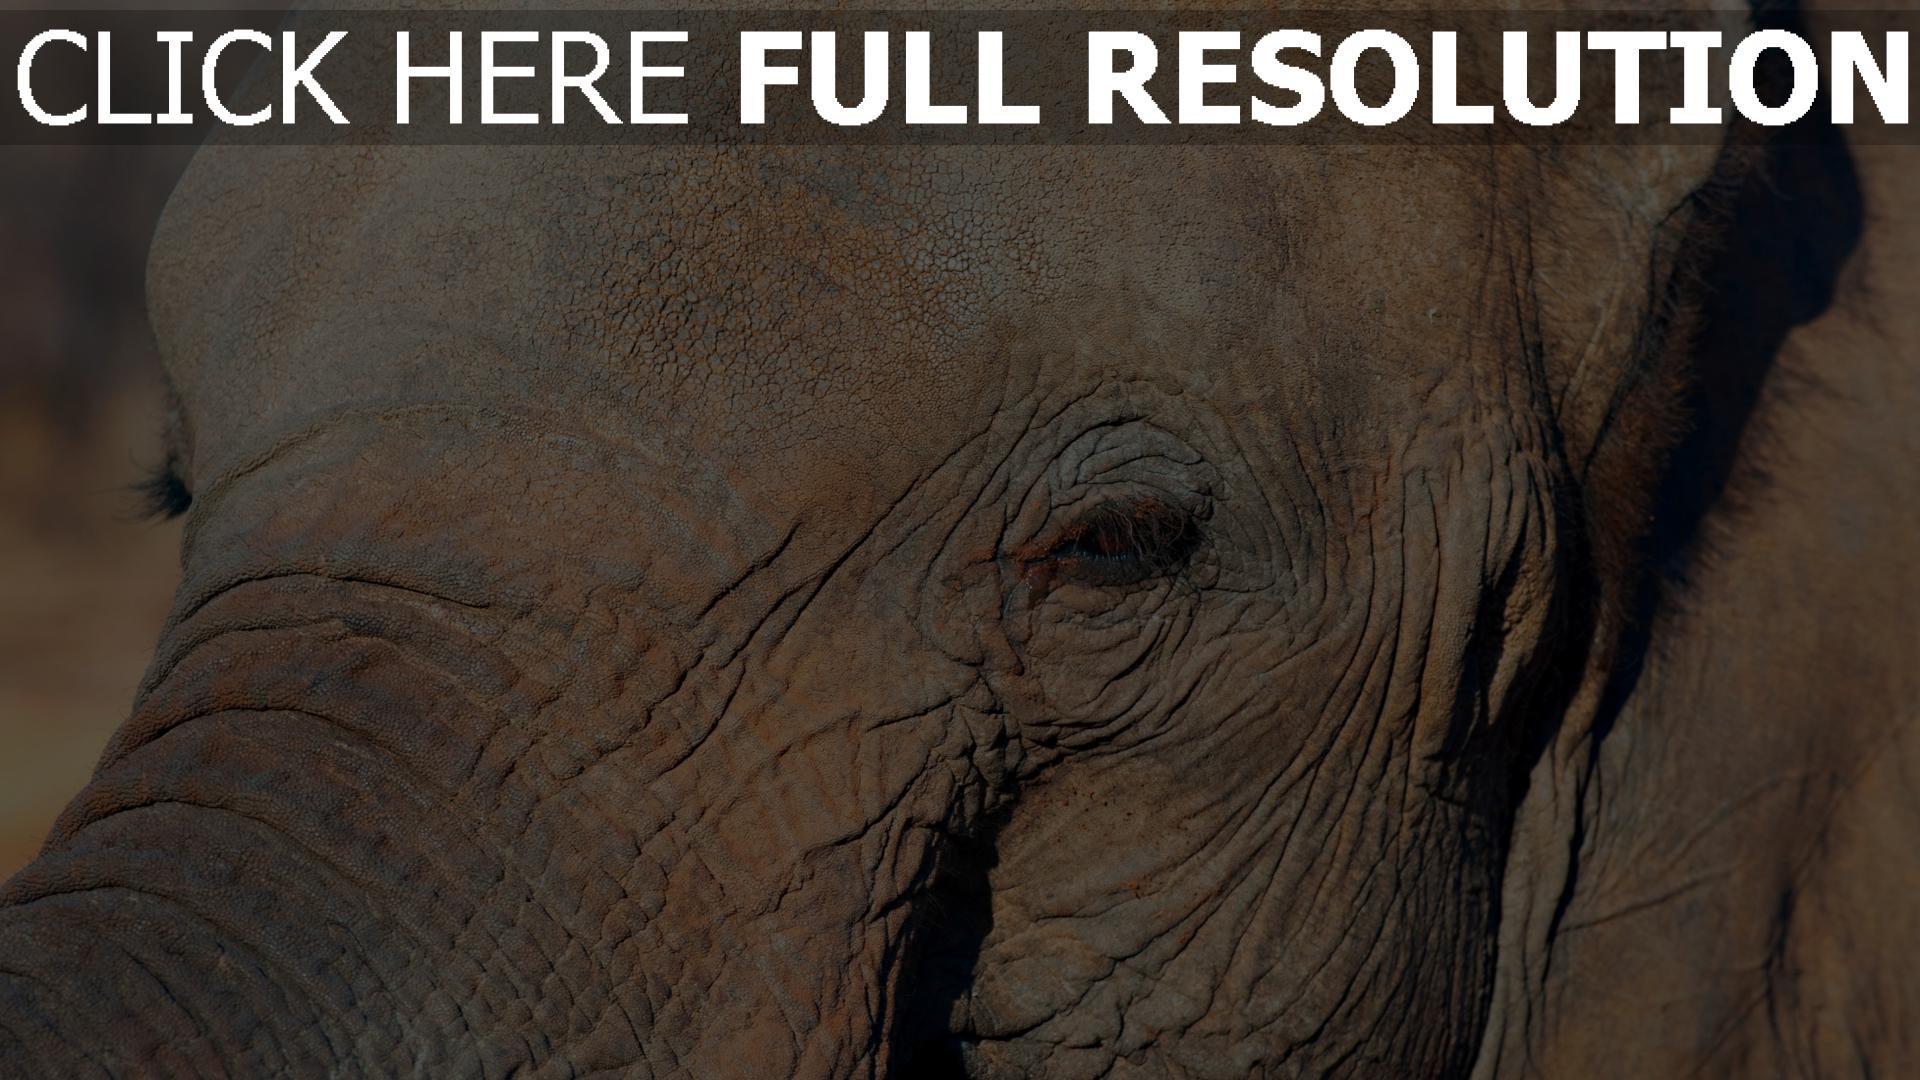 hd hintergrundbilder gesicht auge elefant 1920x1080